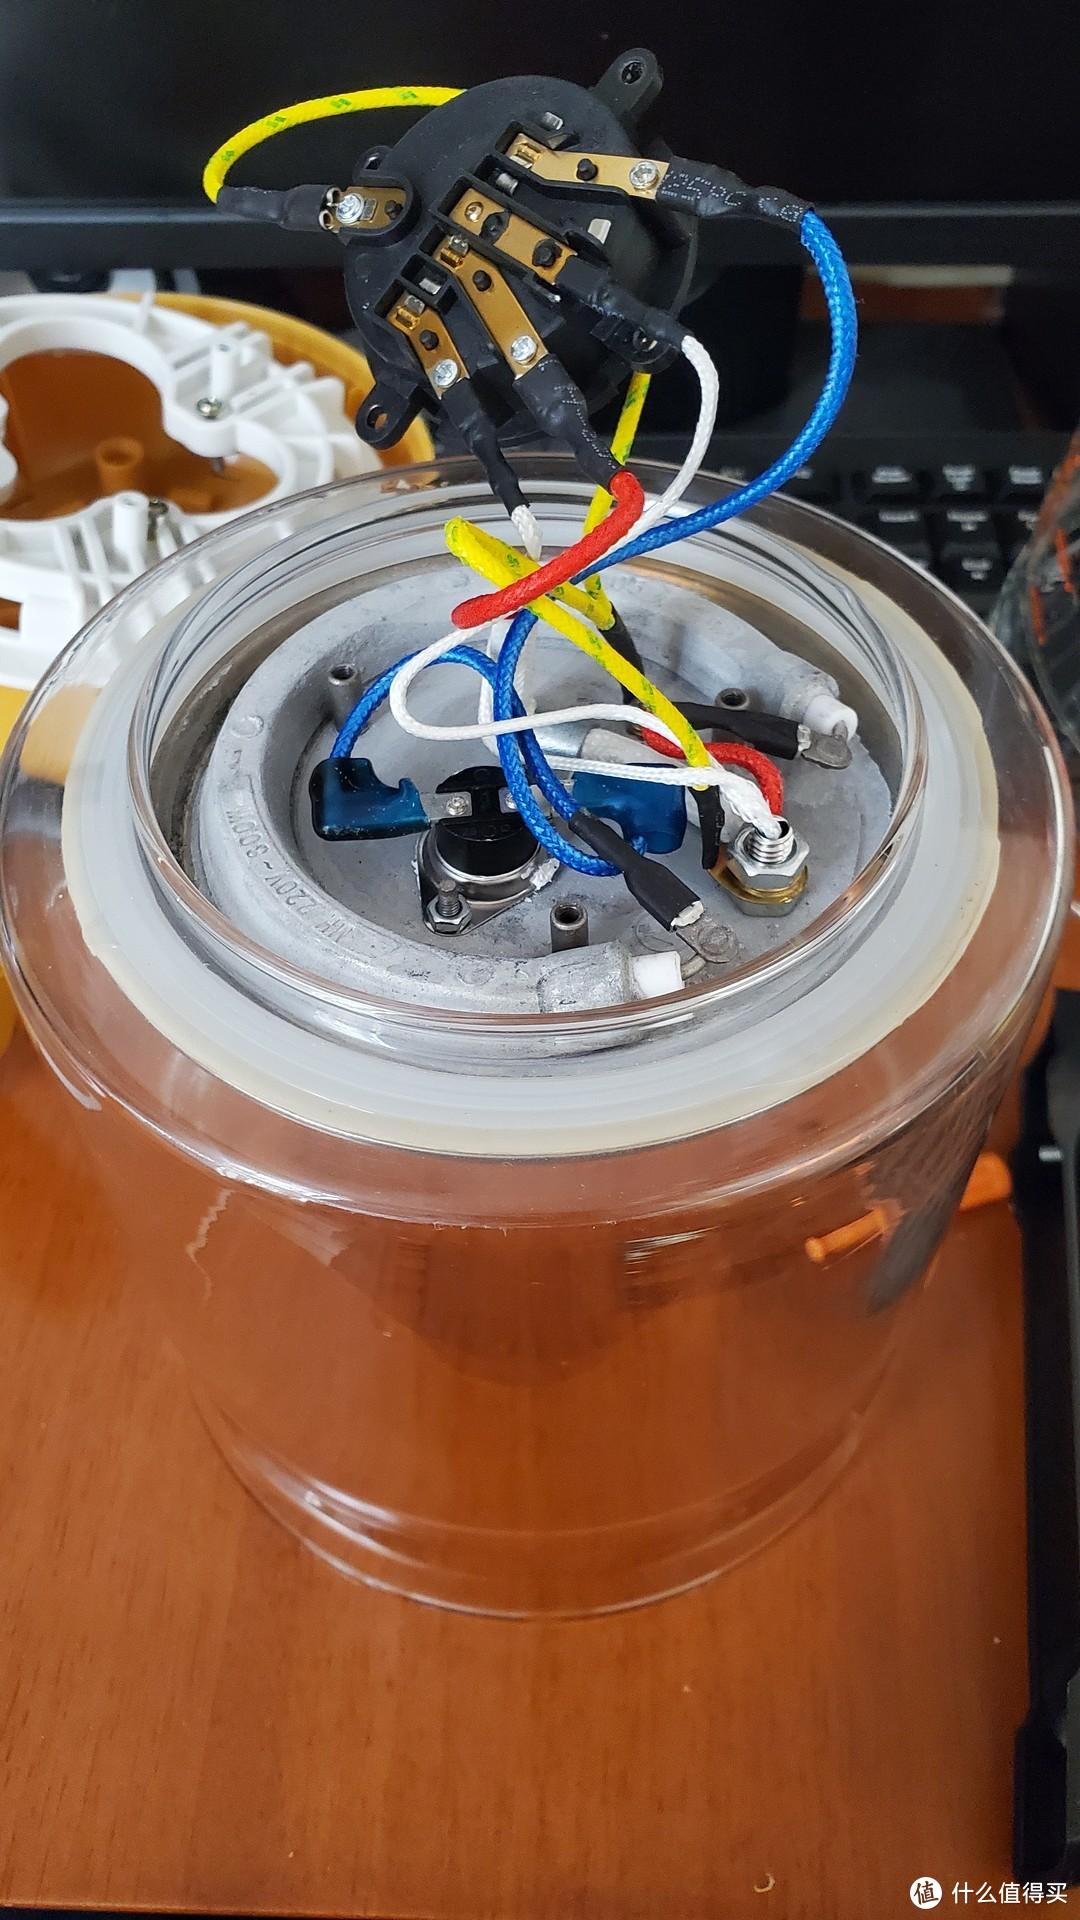 养生壶玻璃壶身损坏,更换壶身记录